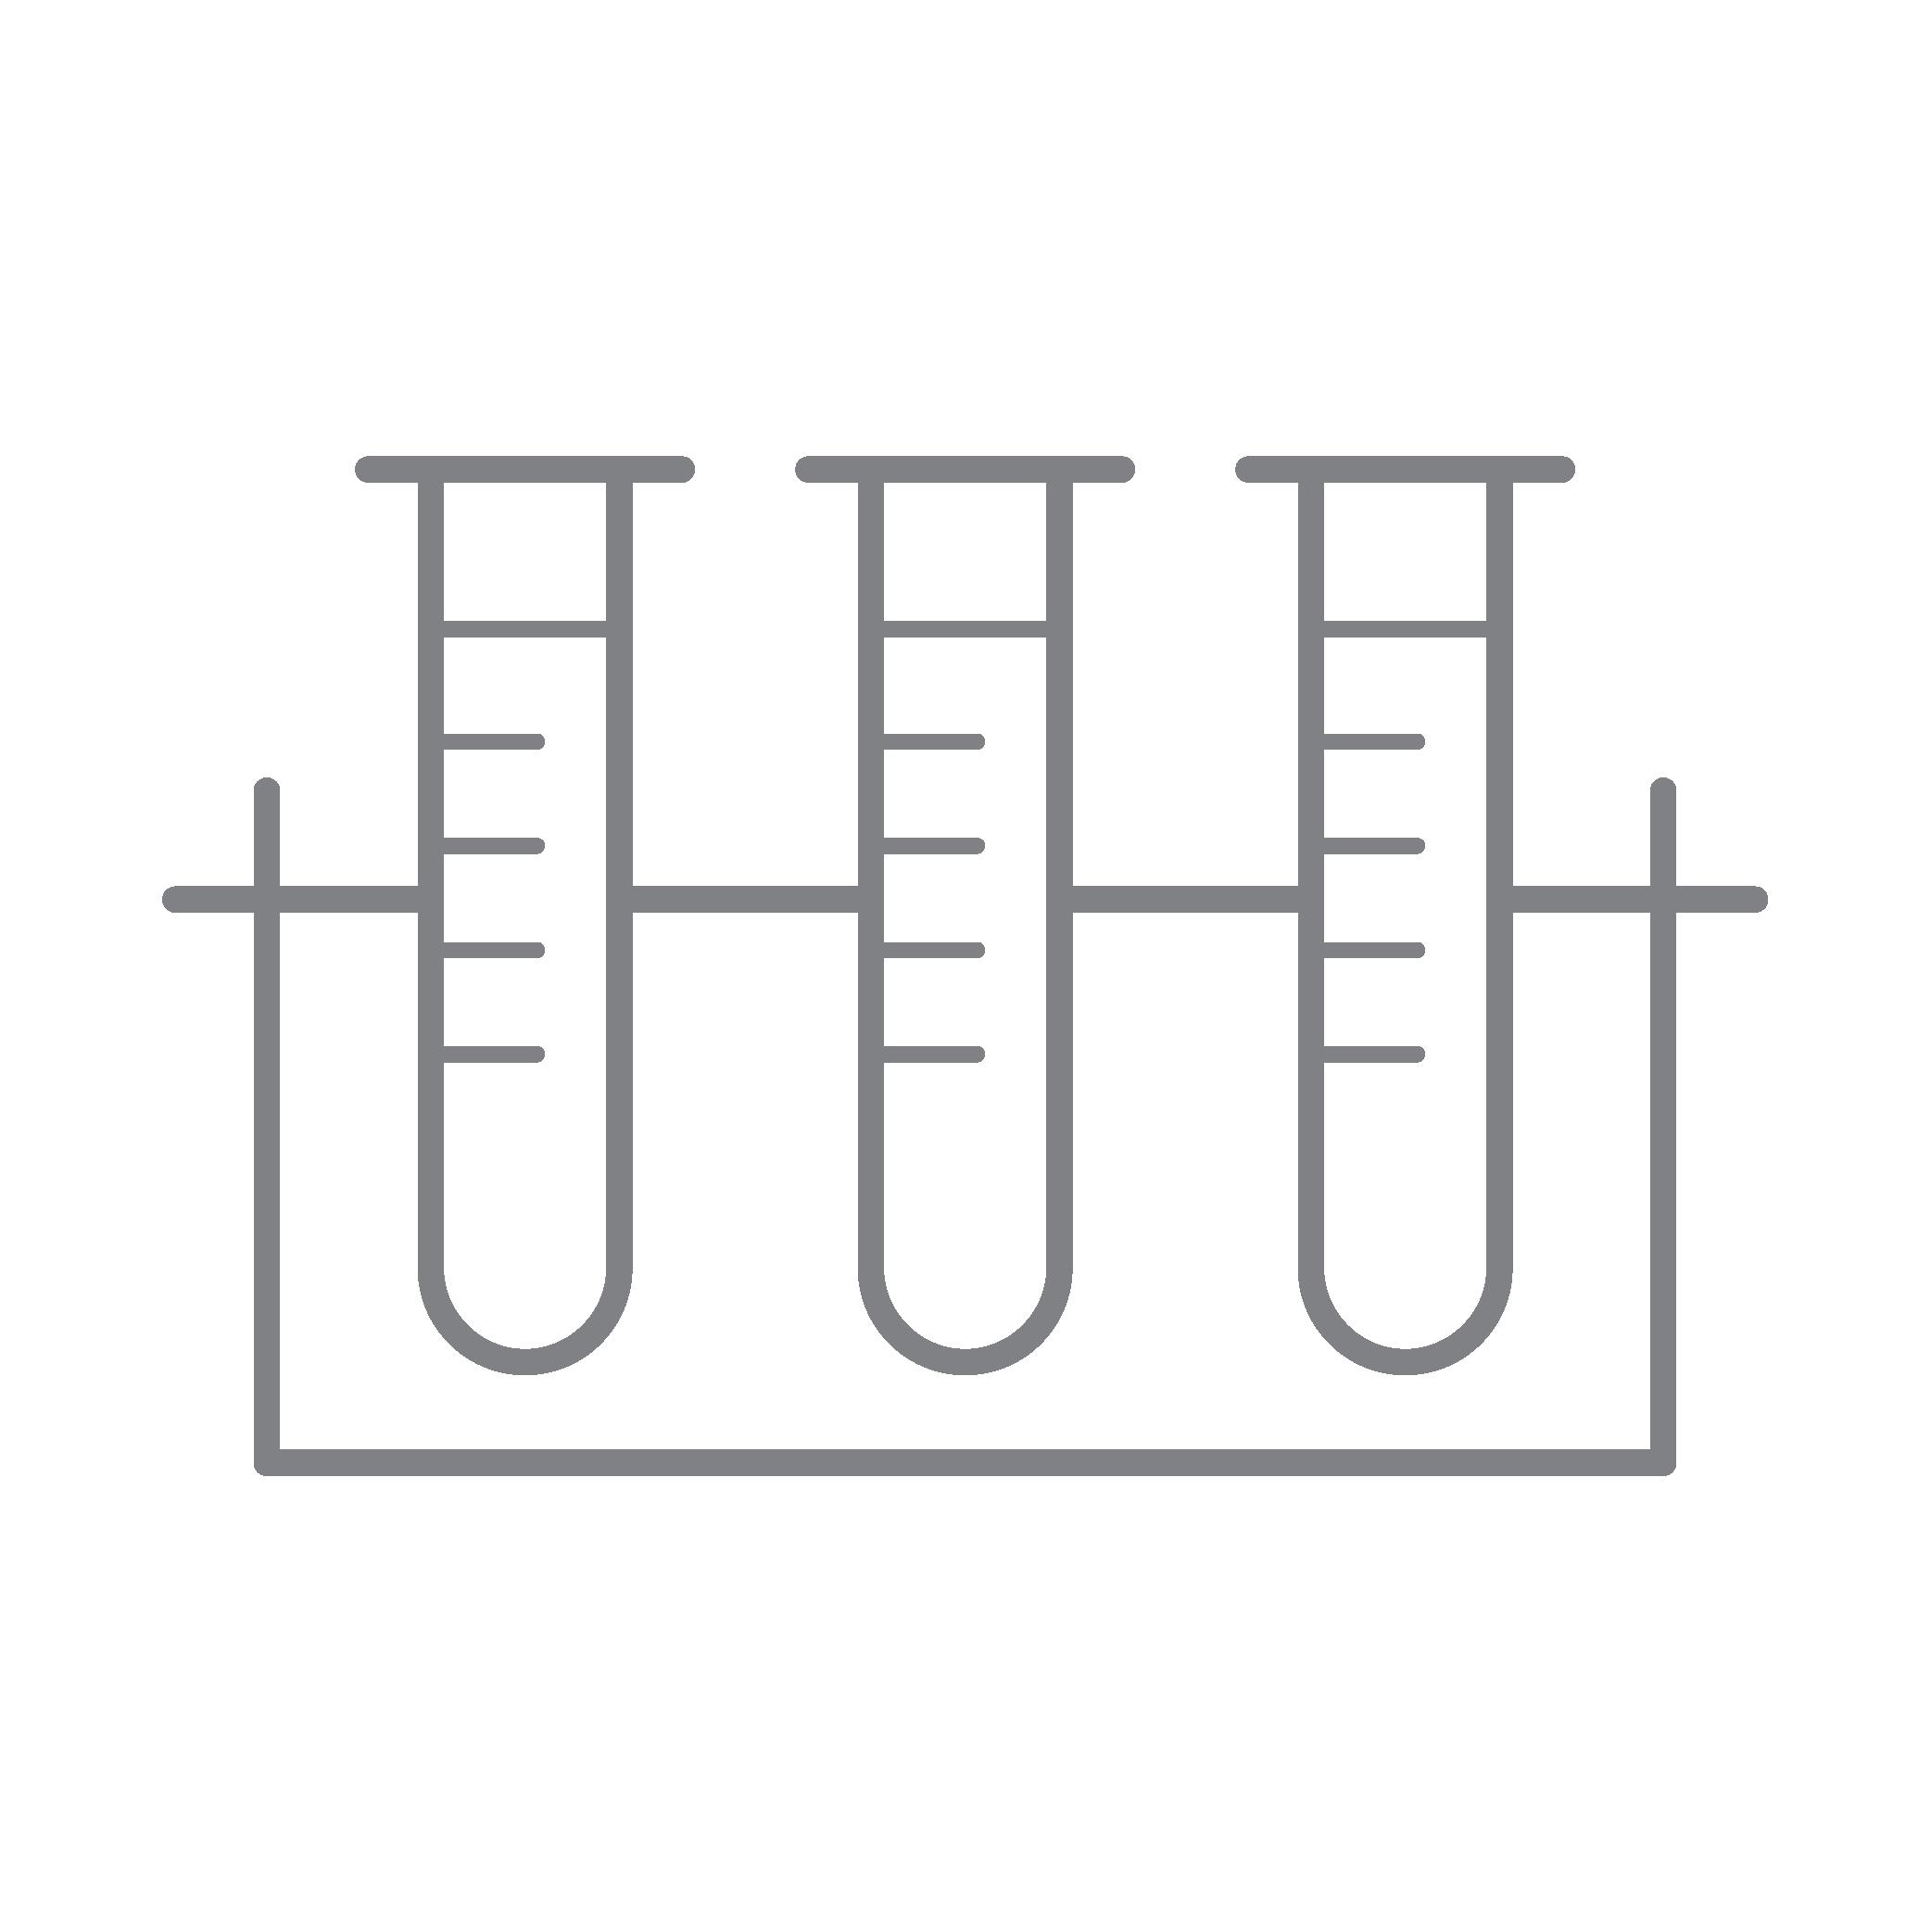 Iconografía_Laboratorio 4.png